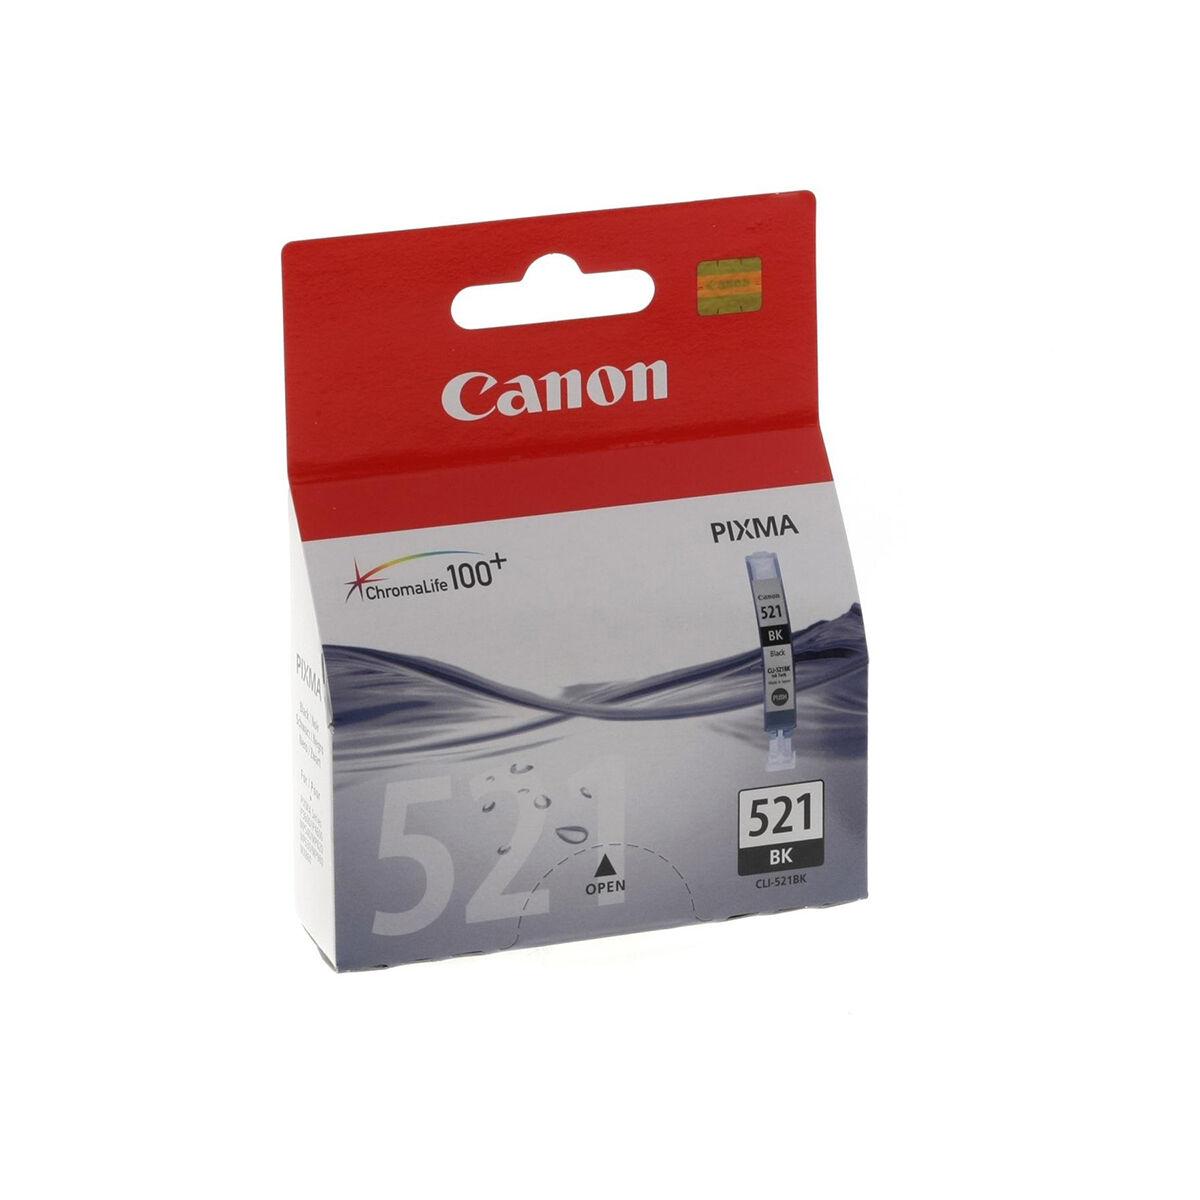 Cartouche Imprimante Canon - 521 Noire